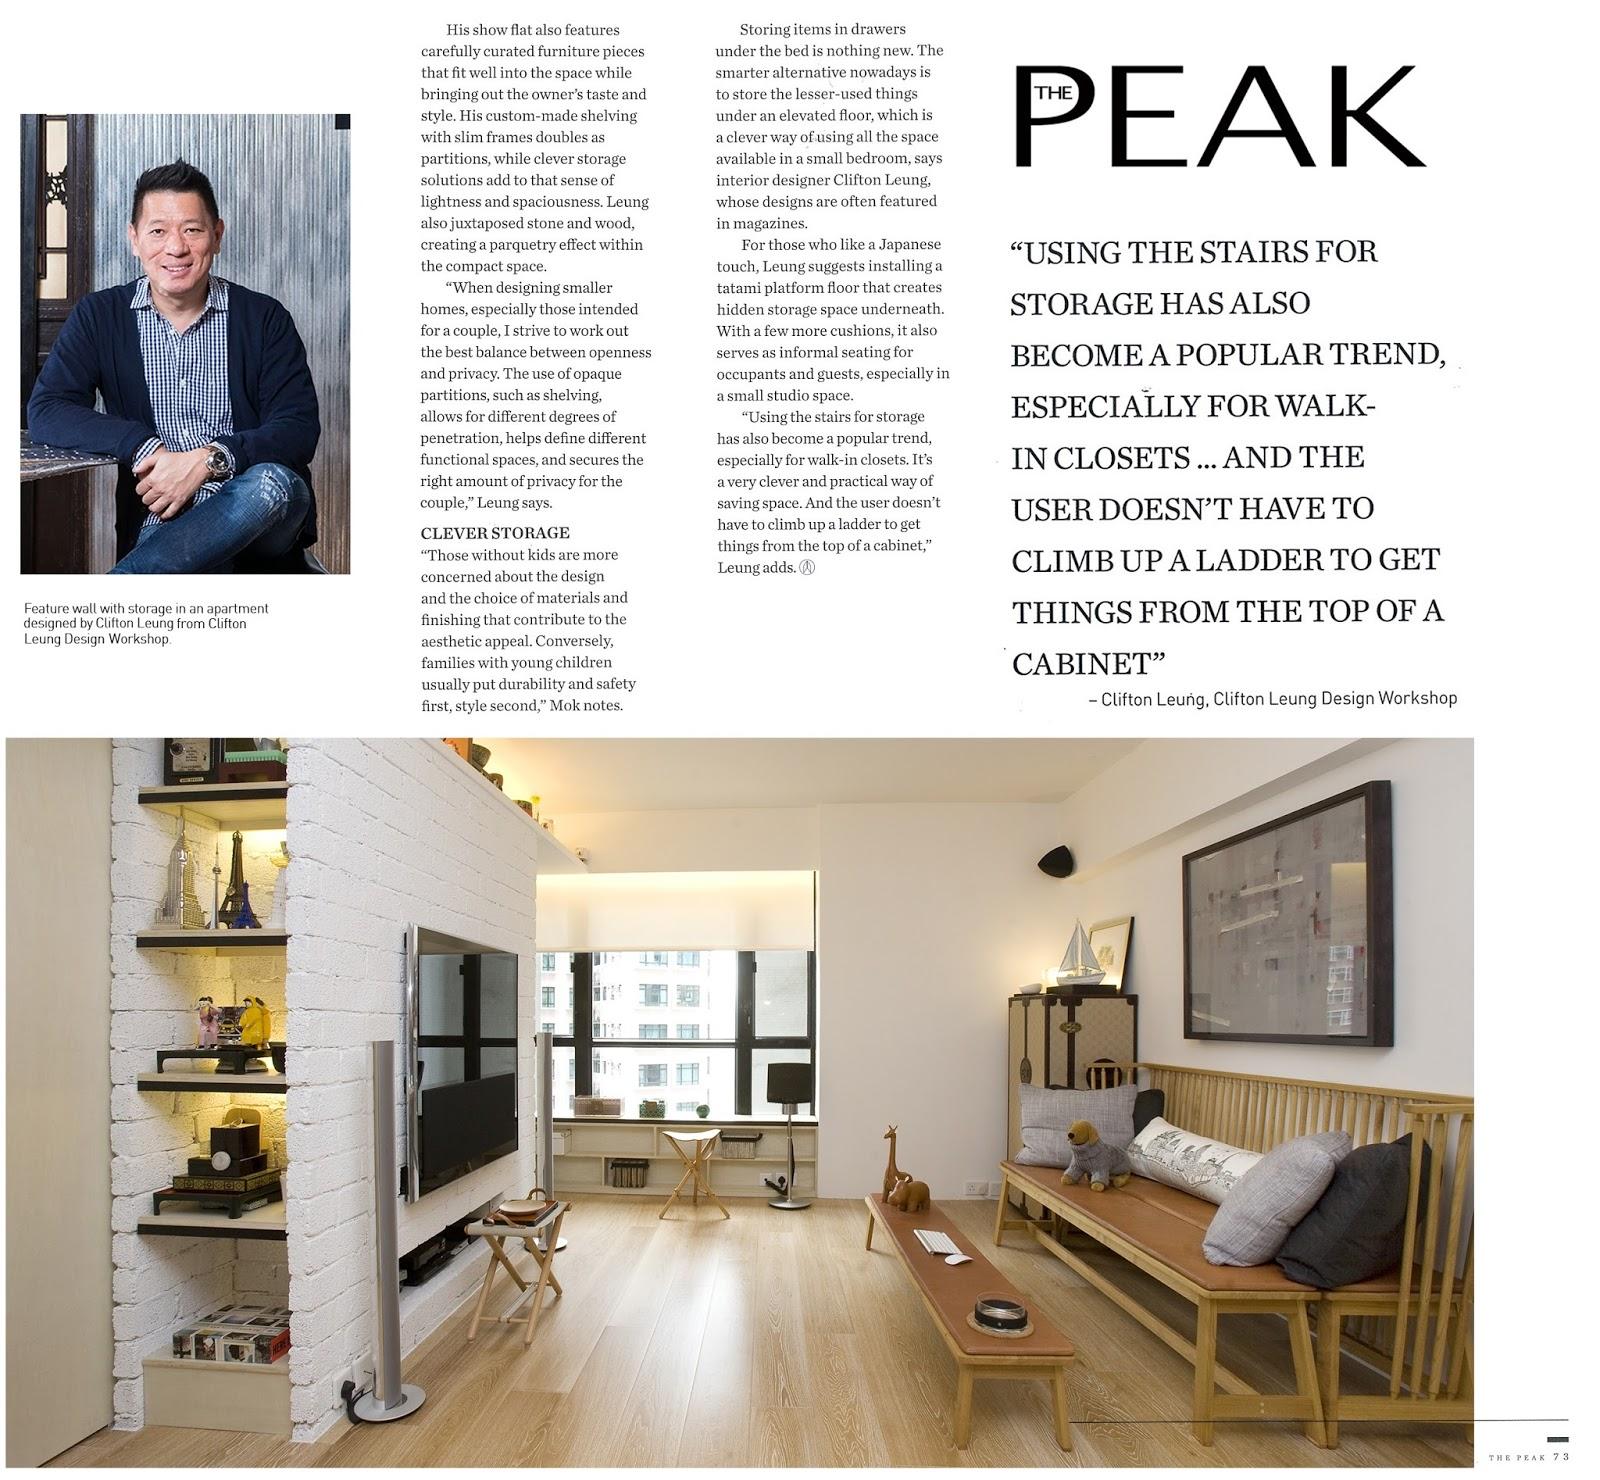 Home Design Ideas Hong Kong: Hong Kong Interior Design Tips & Ideas